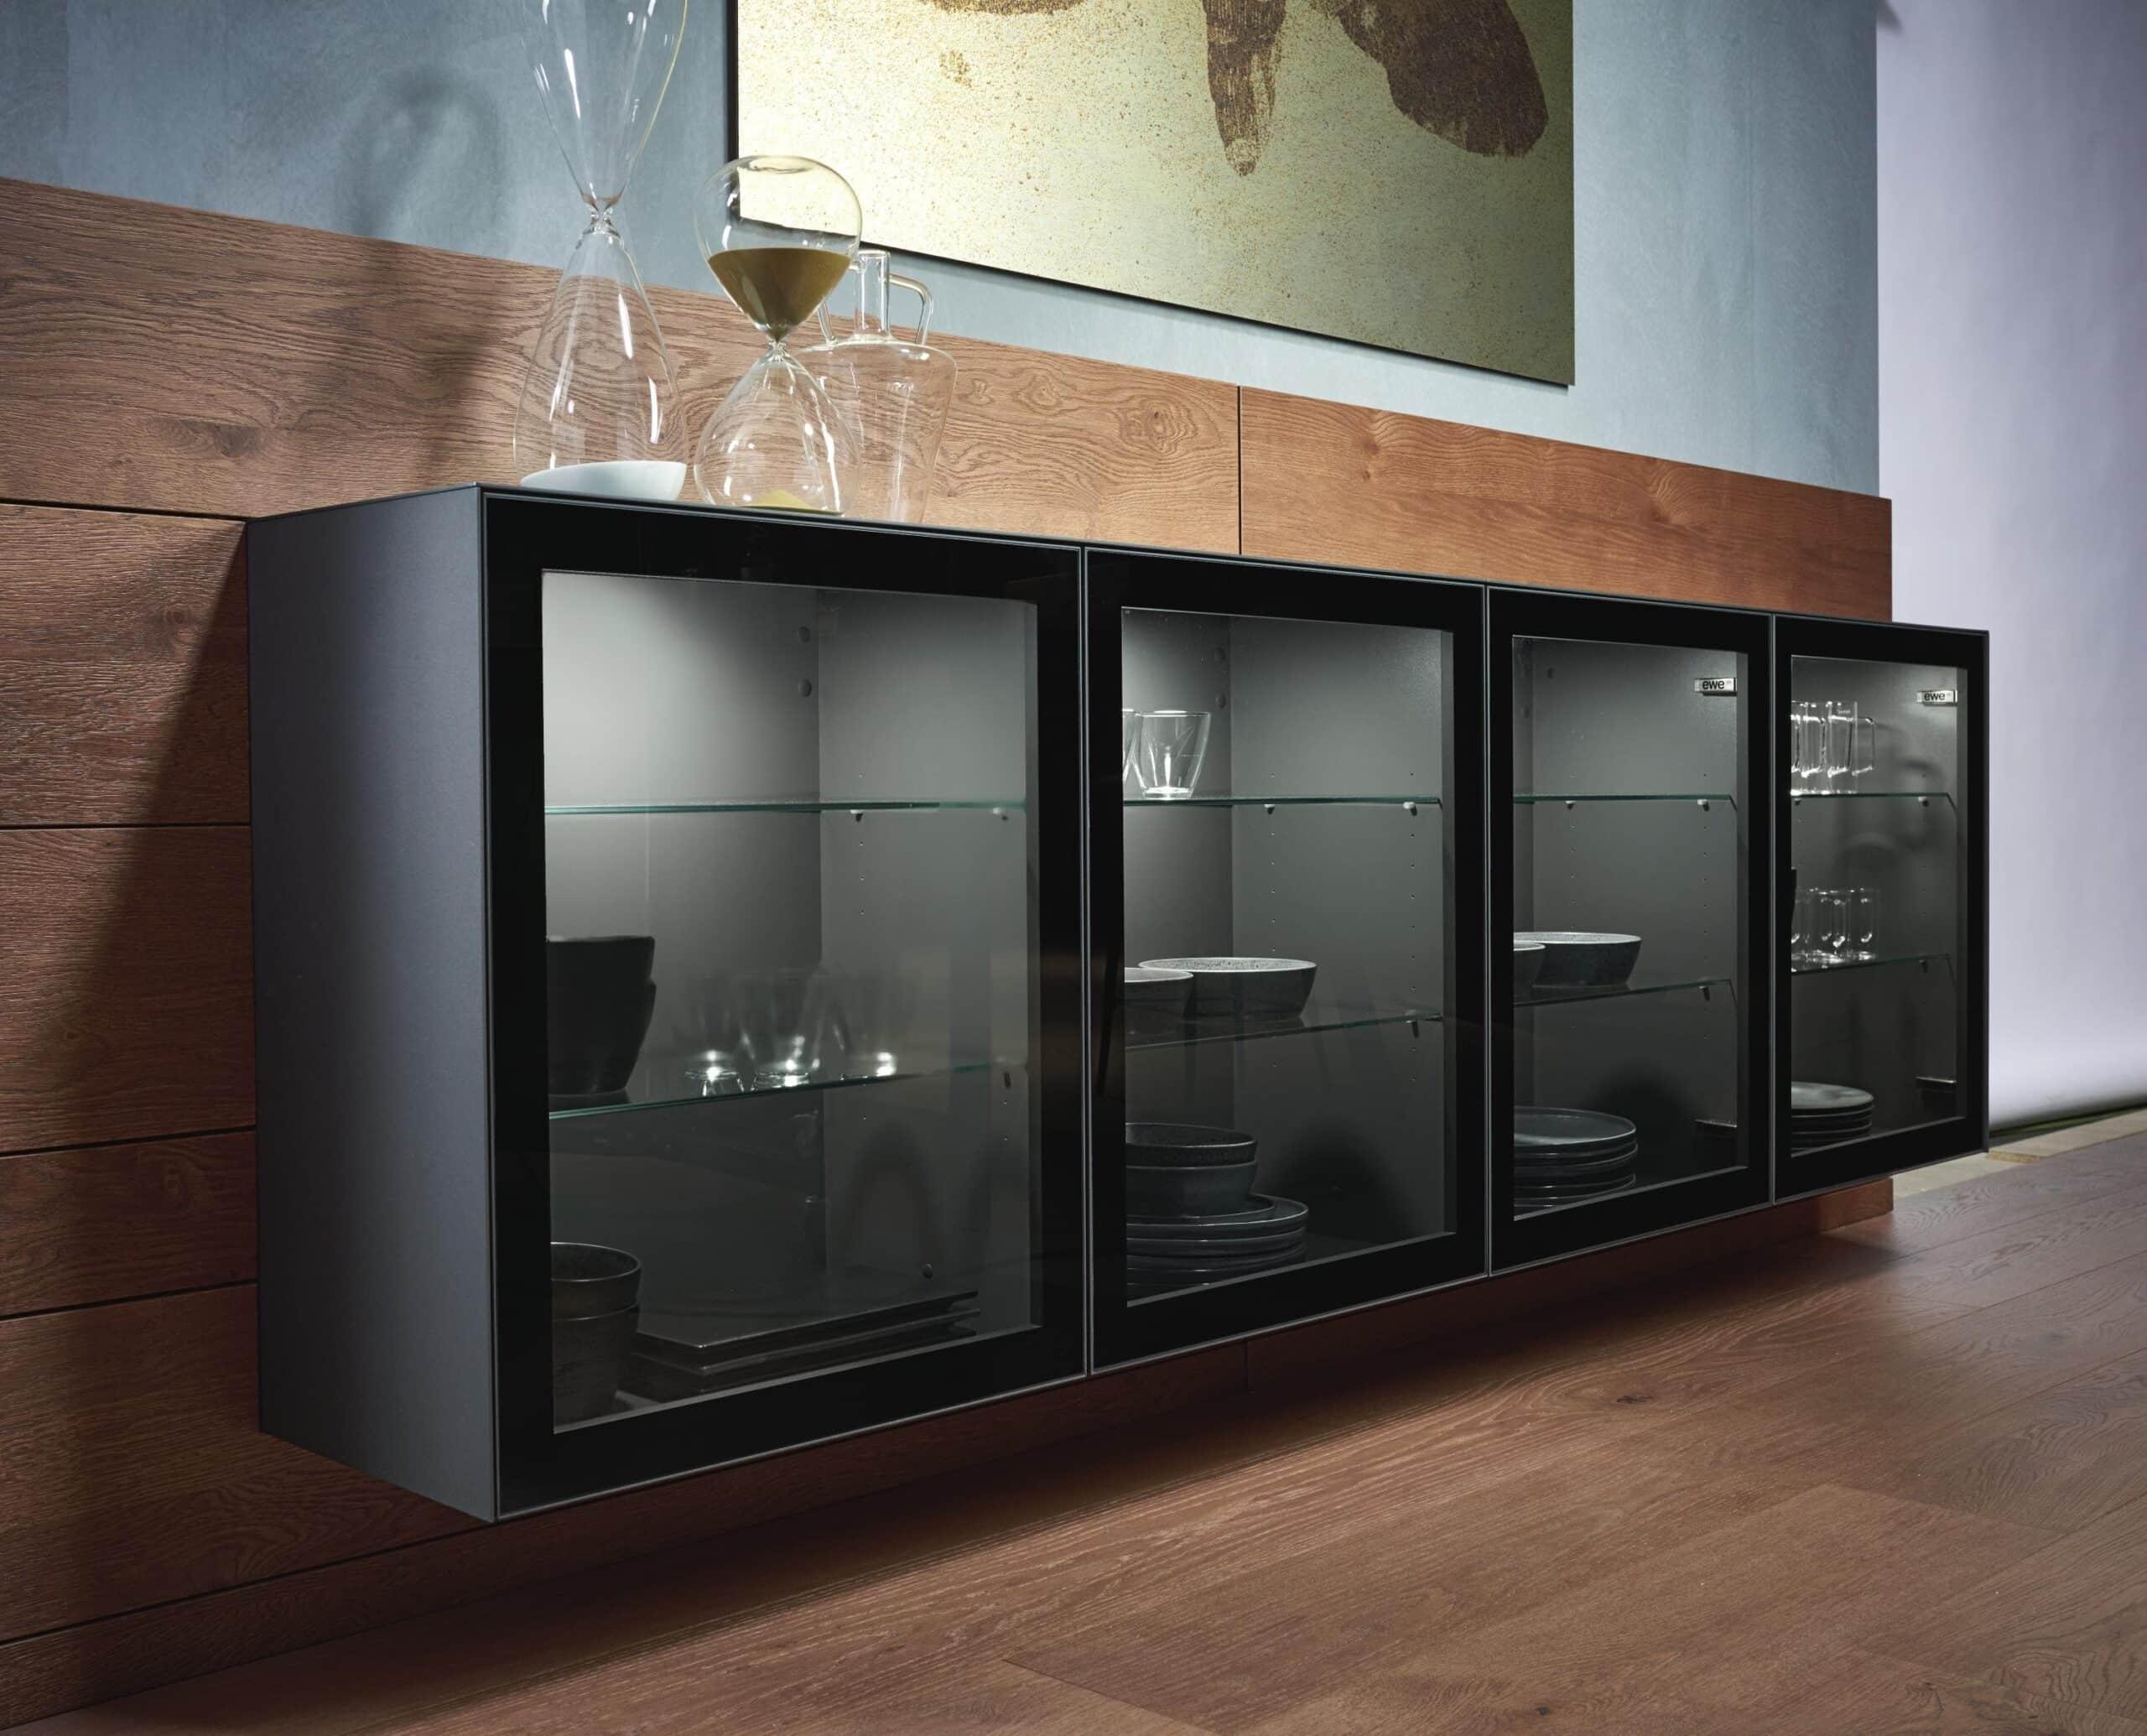 Glaskästen | Moderne Küche - Eilmannsberger